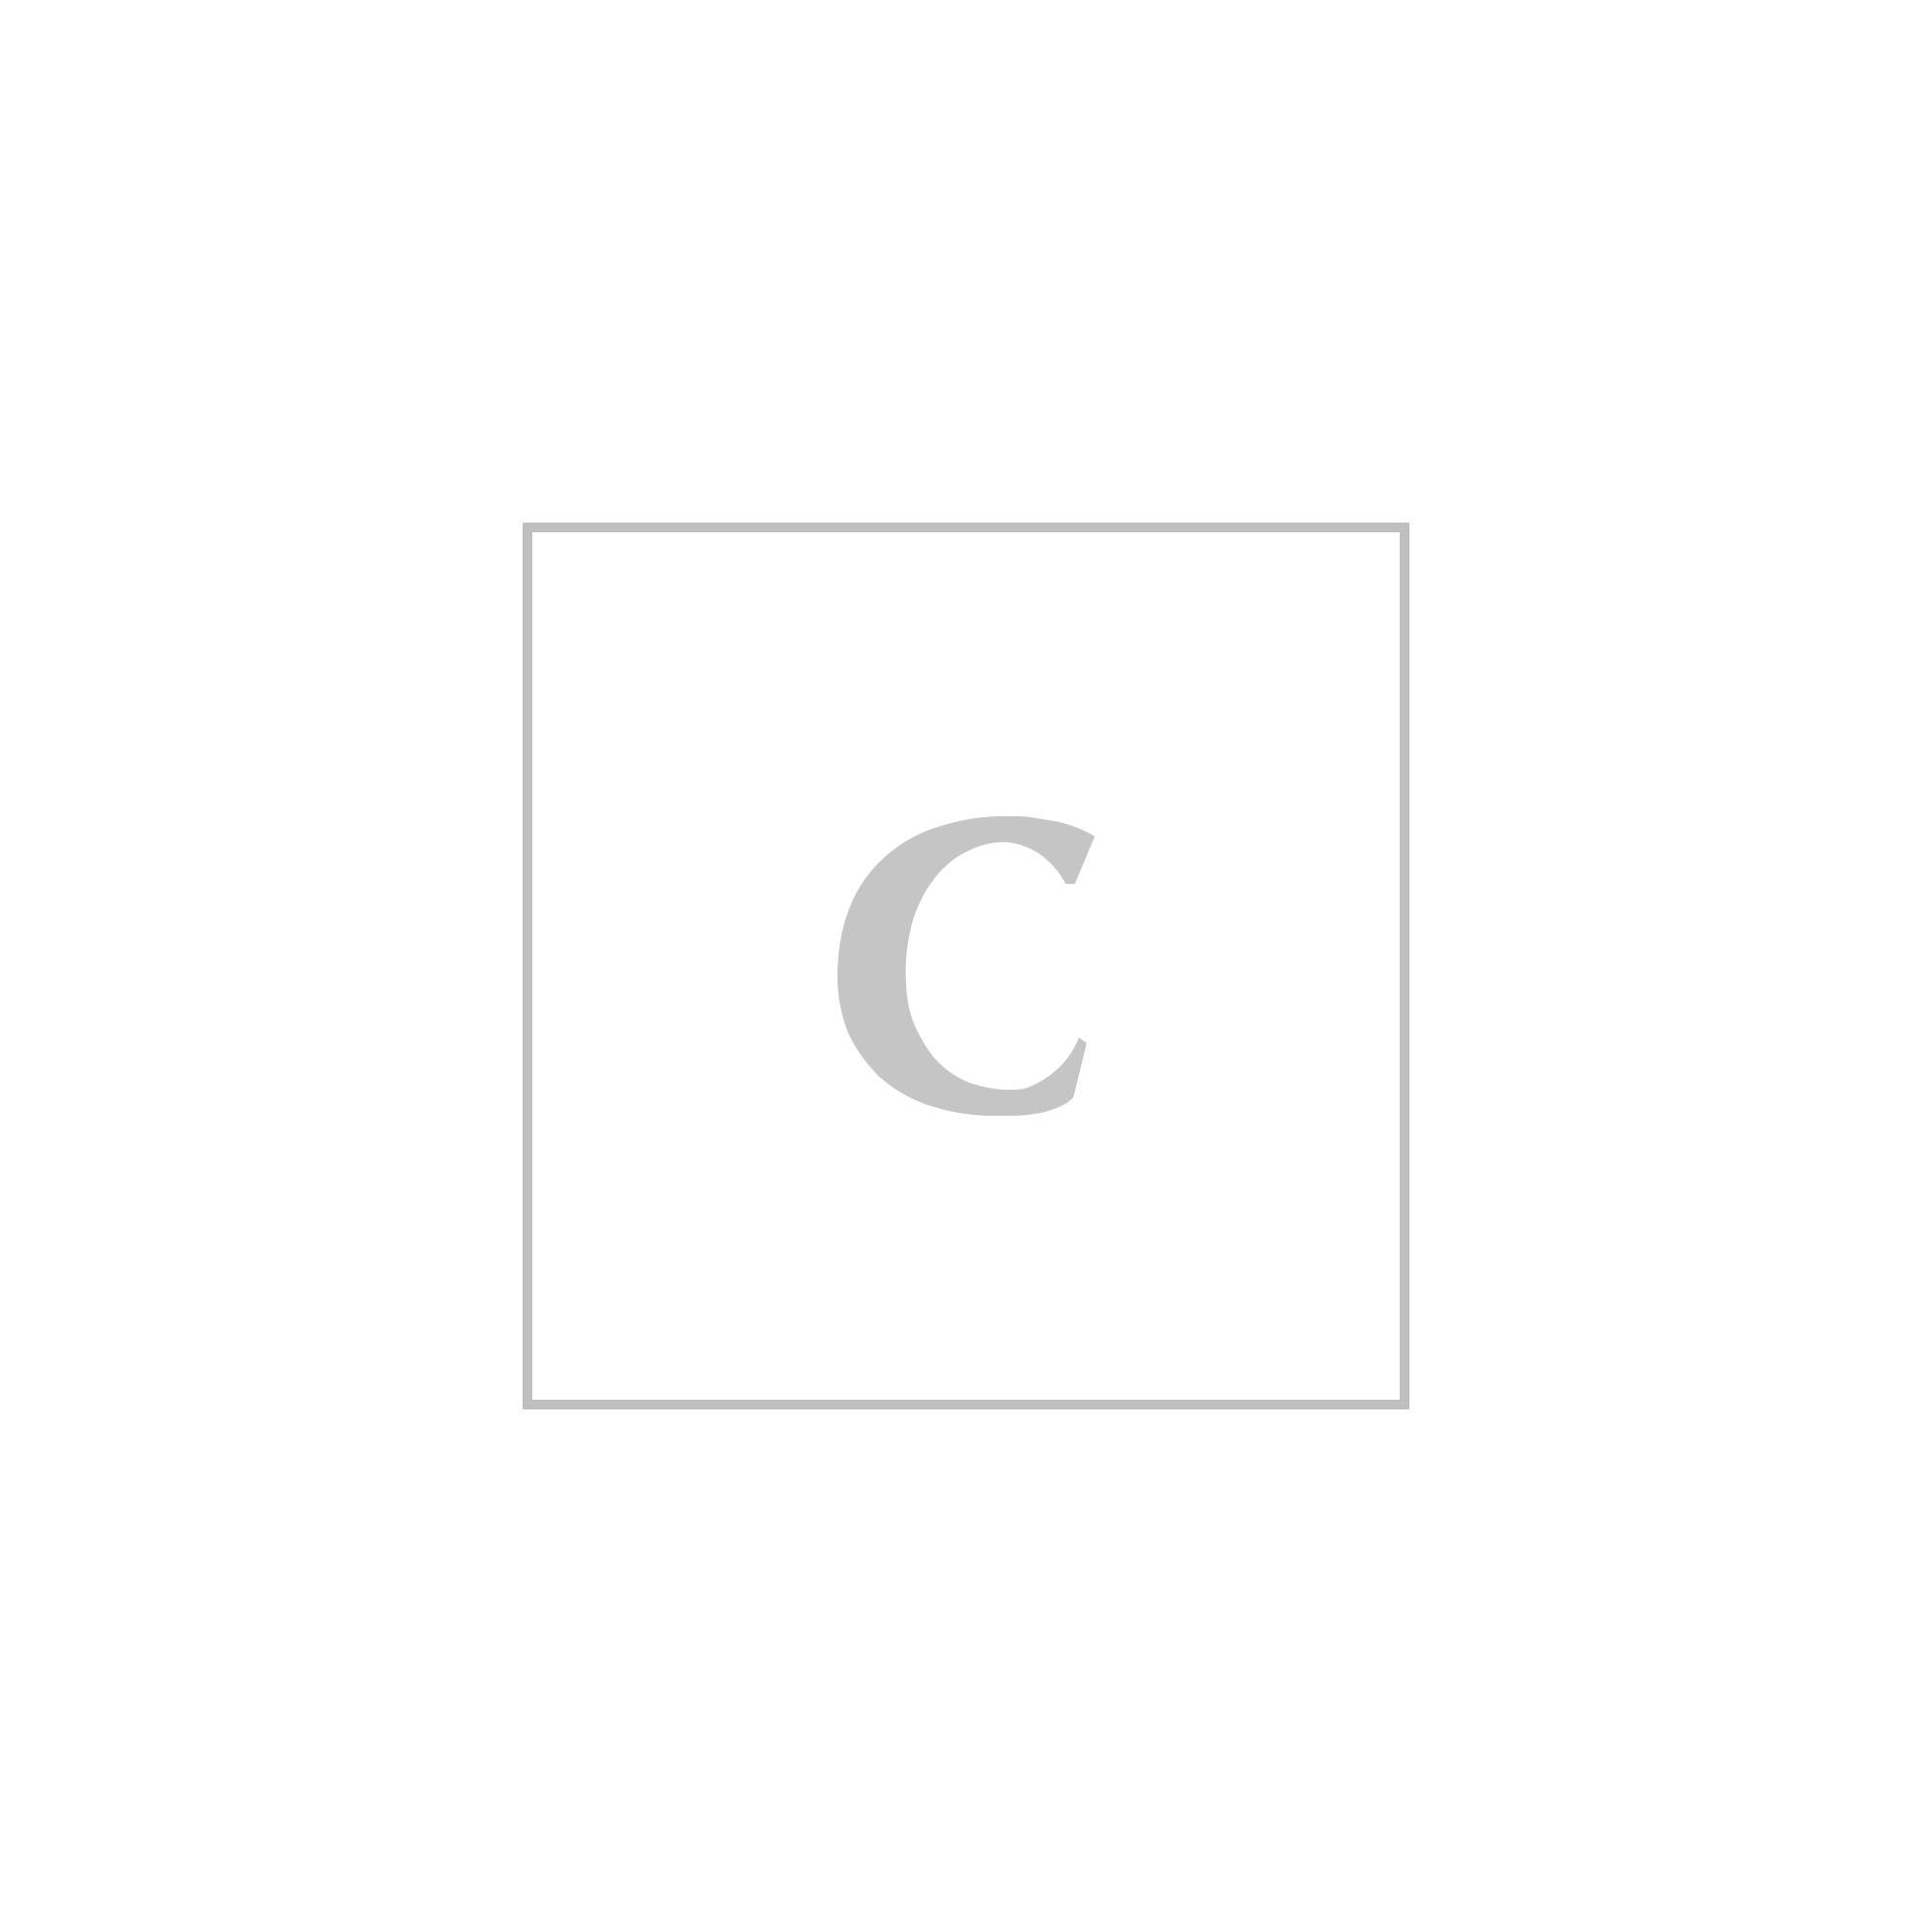 Salvatore ferragamo p.foglio pierce 669819 001 vit.crosta